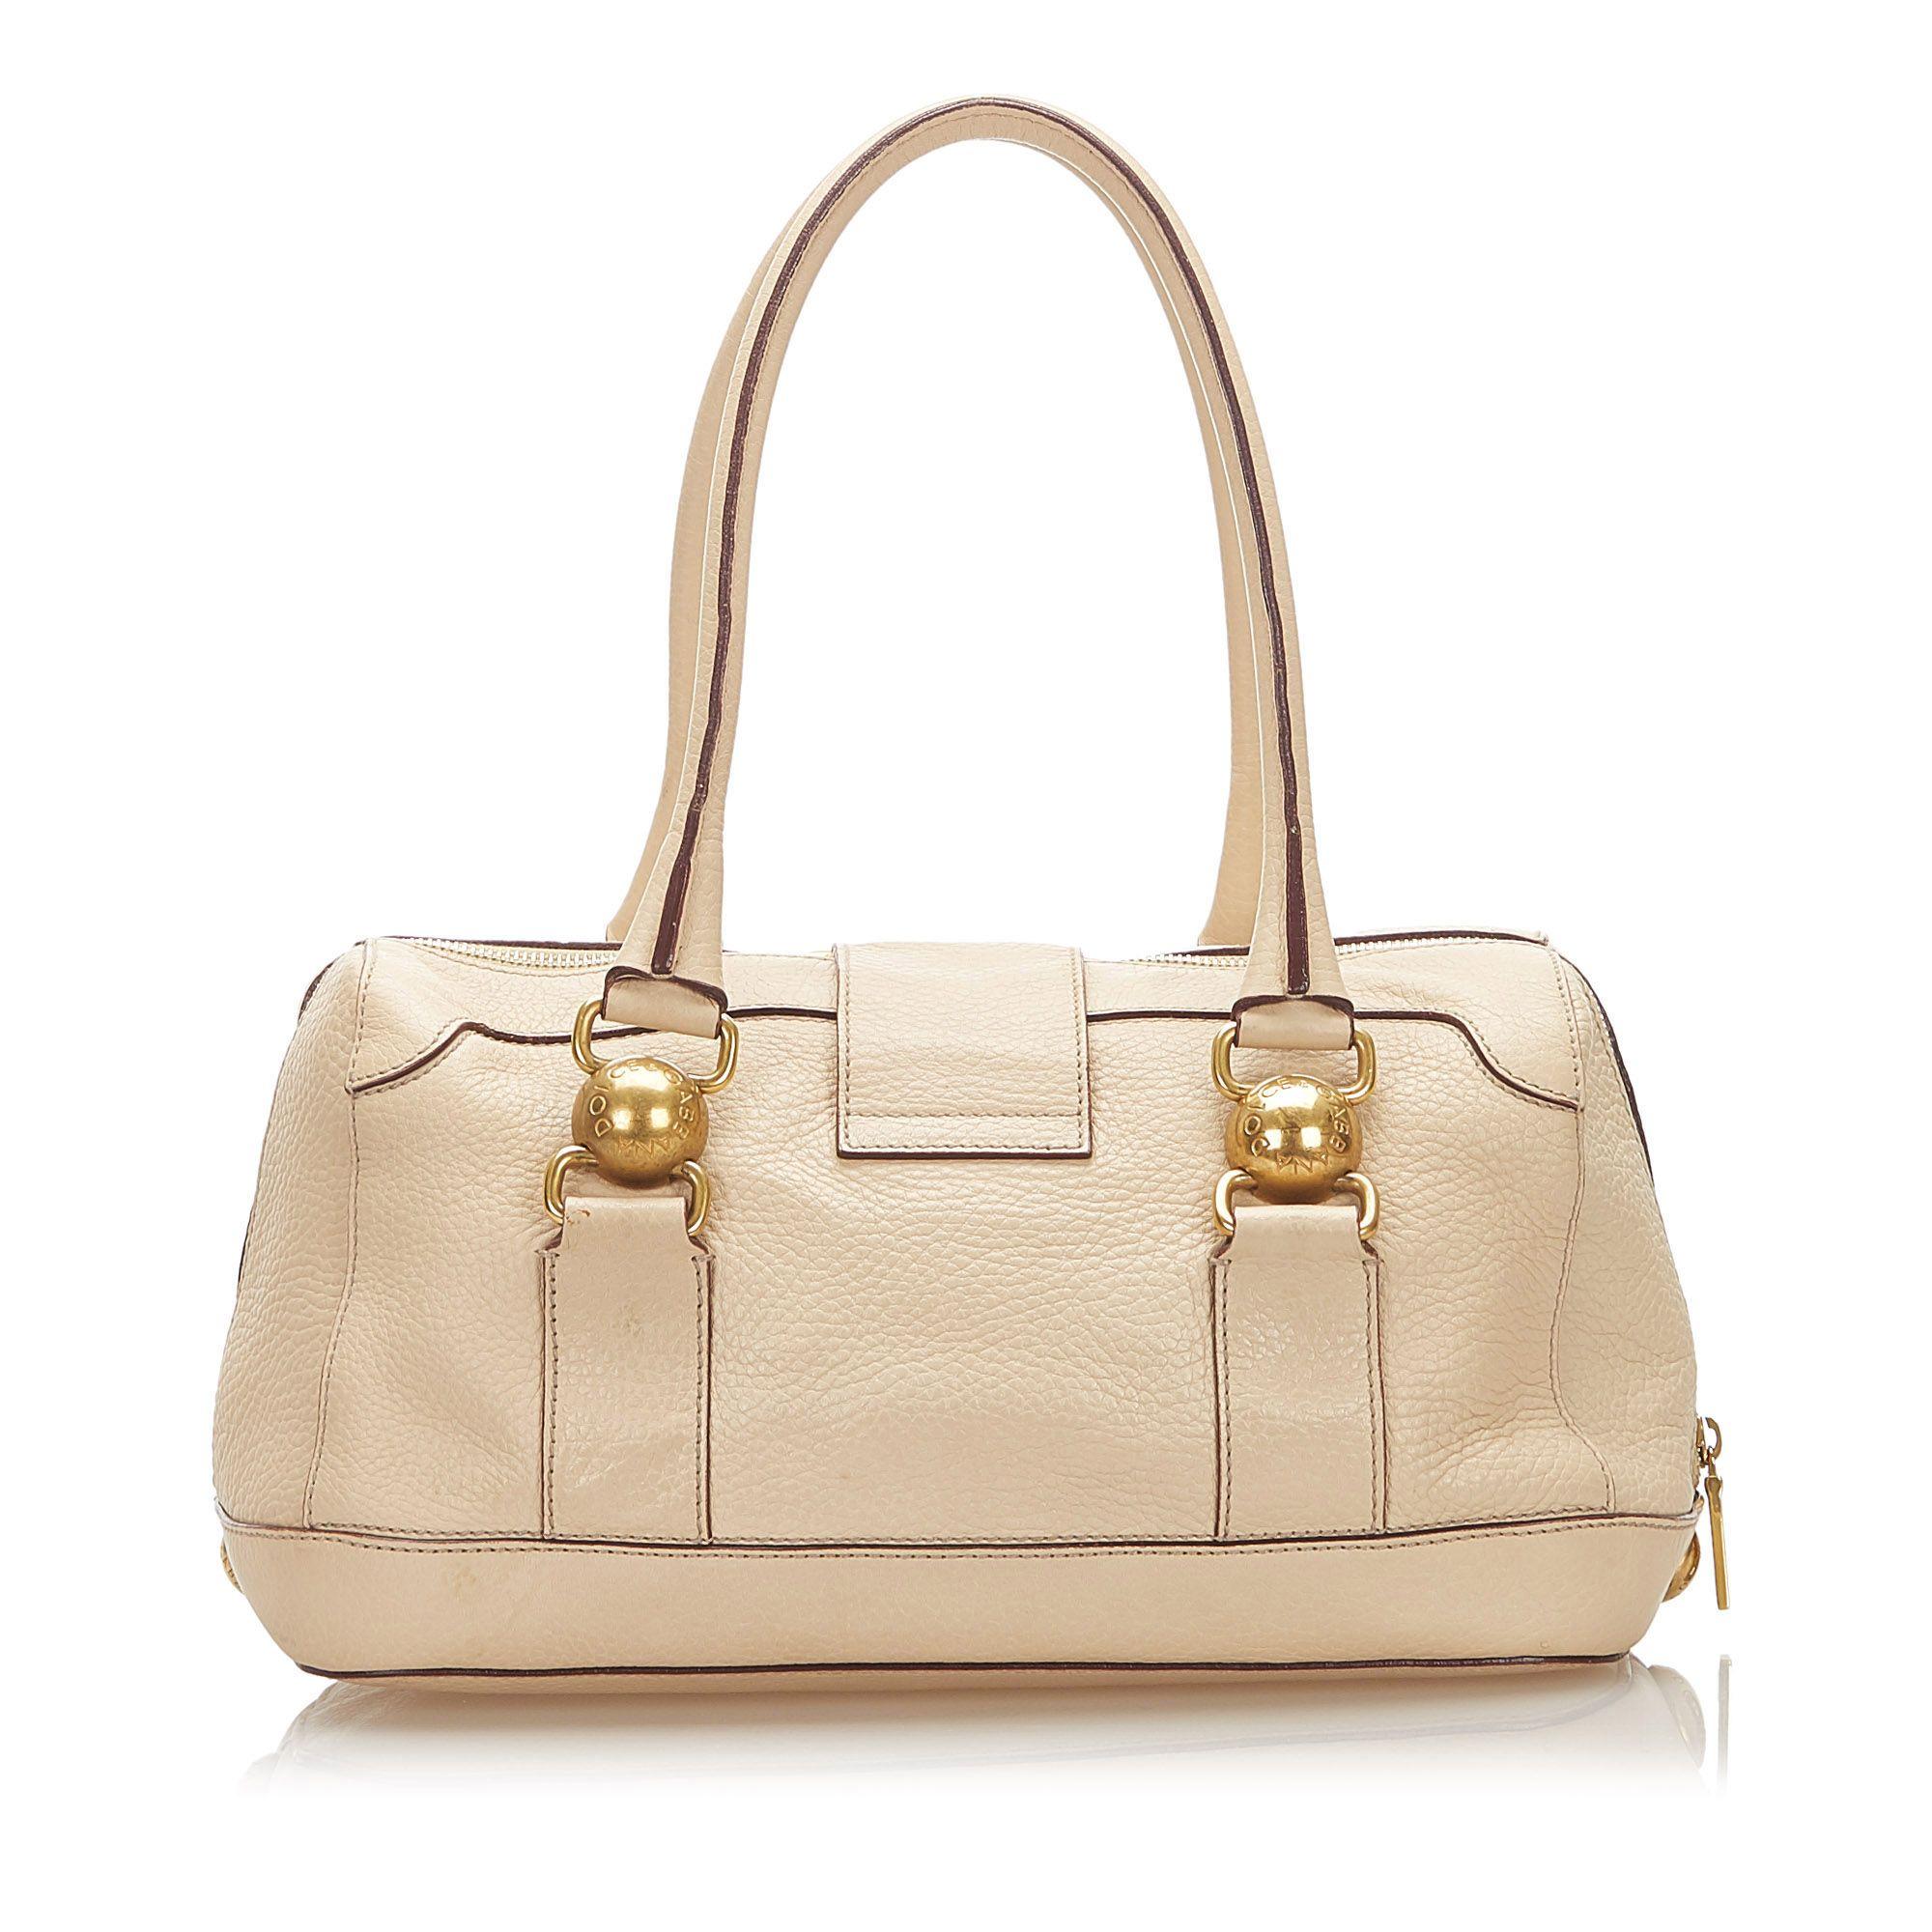 Vintage Dolce&Gabbana Leather Handbag Brown